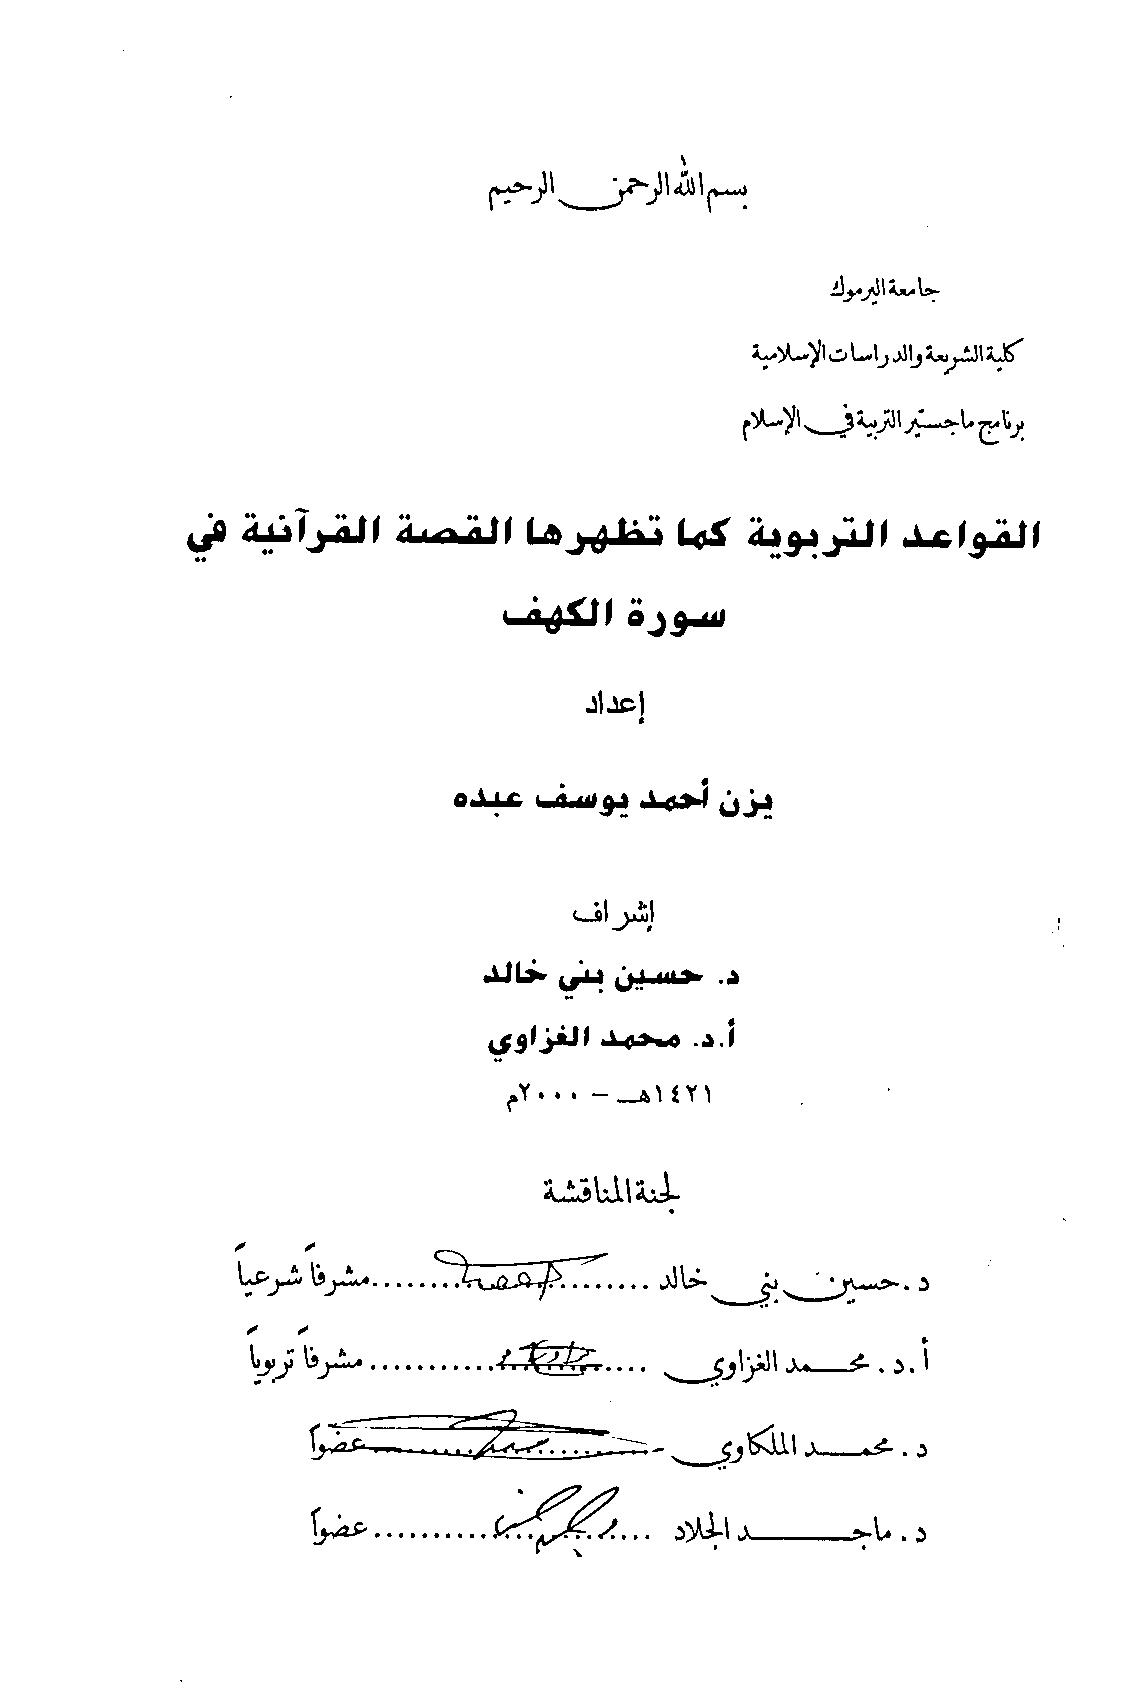 تحميل كتاب القواعد التربوية كما تظهرها القصة القرآنية في سورة الكهف لـِ: الدكتور يزن أحمد يوسف عبده